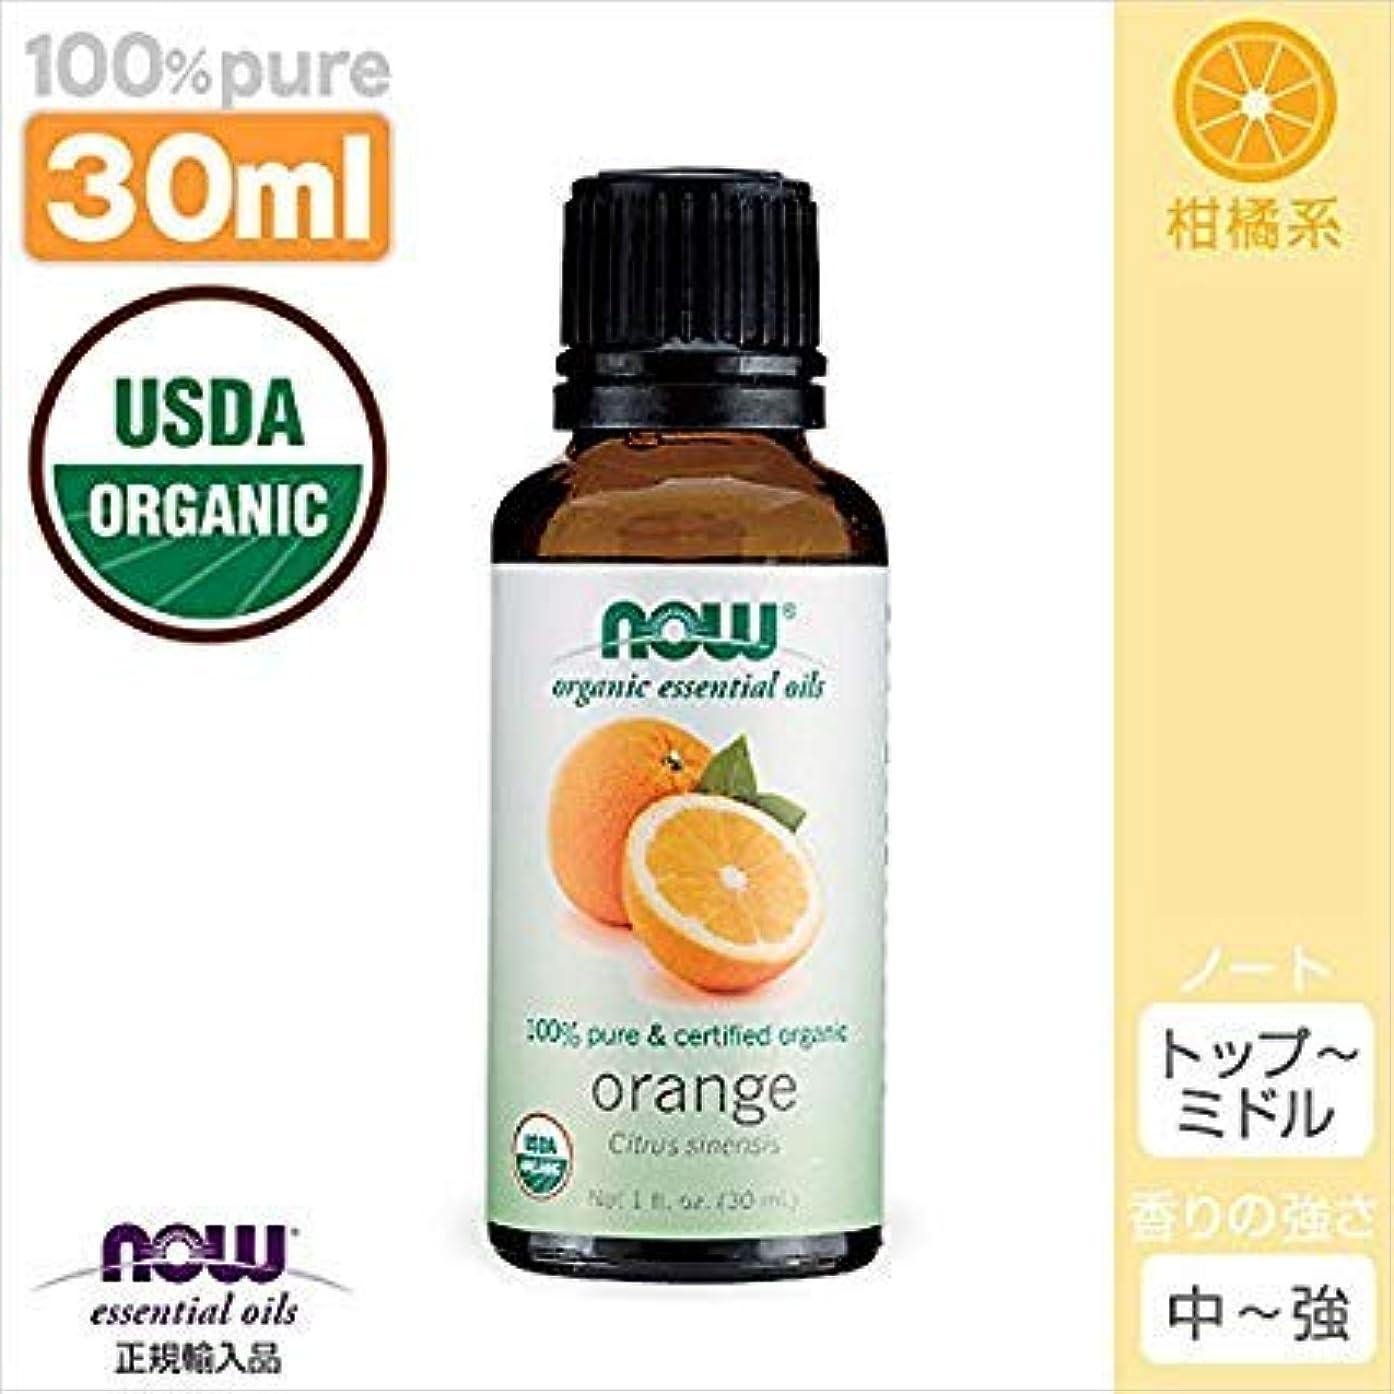 離れてすりミトンオレンジ精油オーガニック[30ml] 【正規輸入品】 NOWエッセンシャルオイル(アロマオイル)